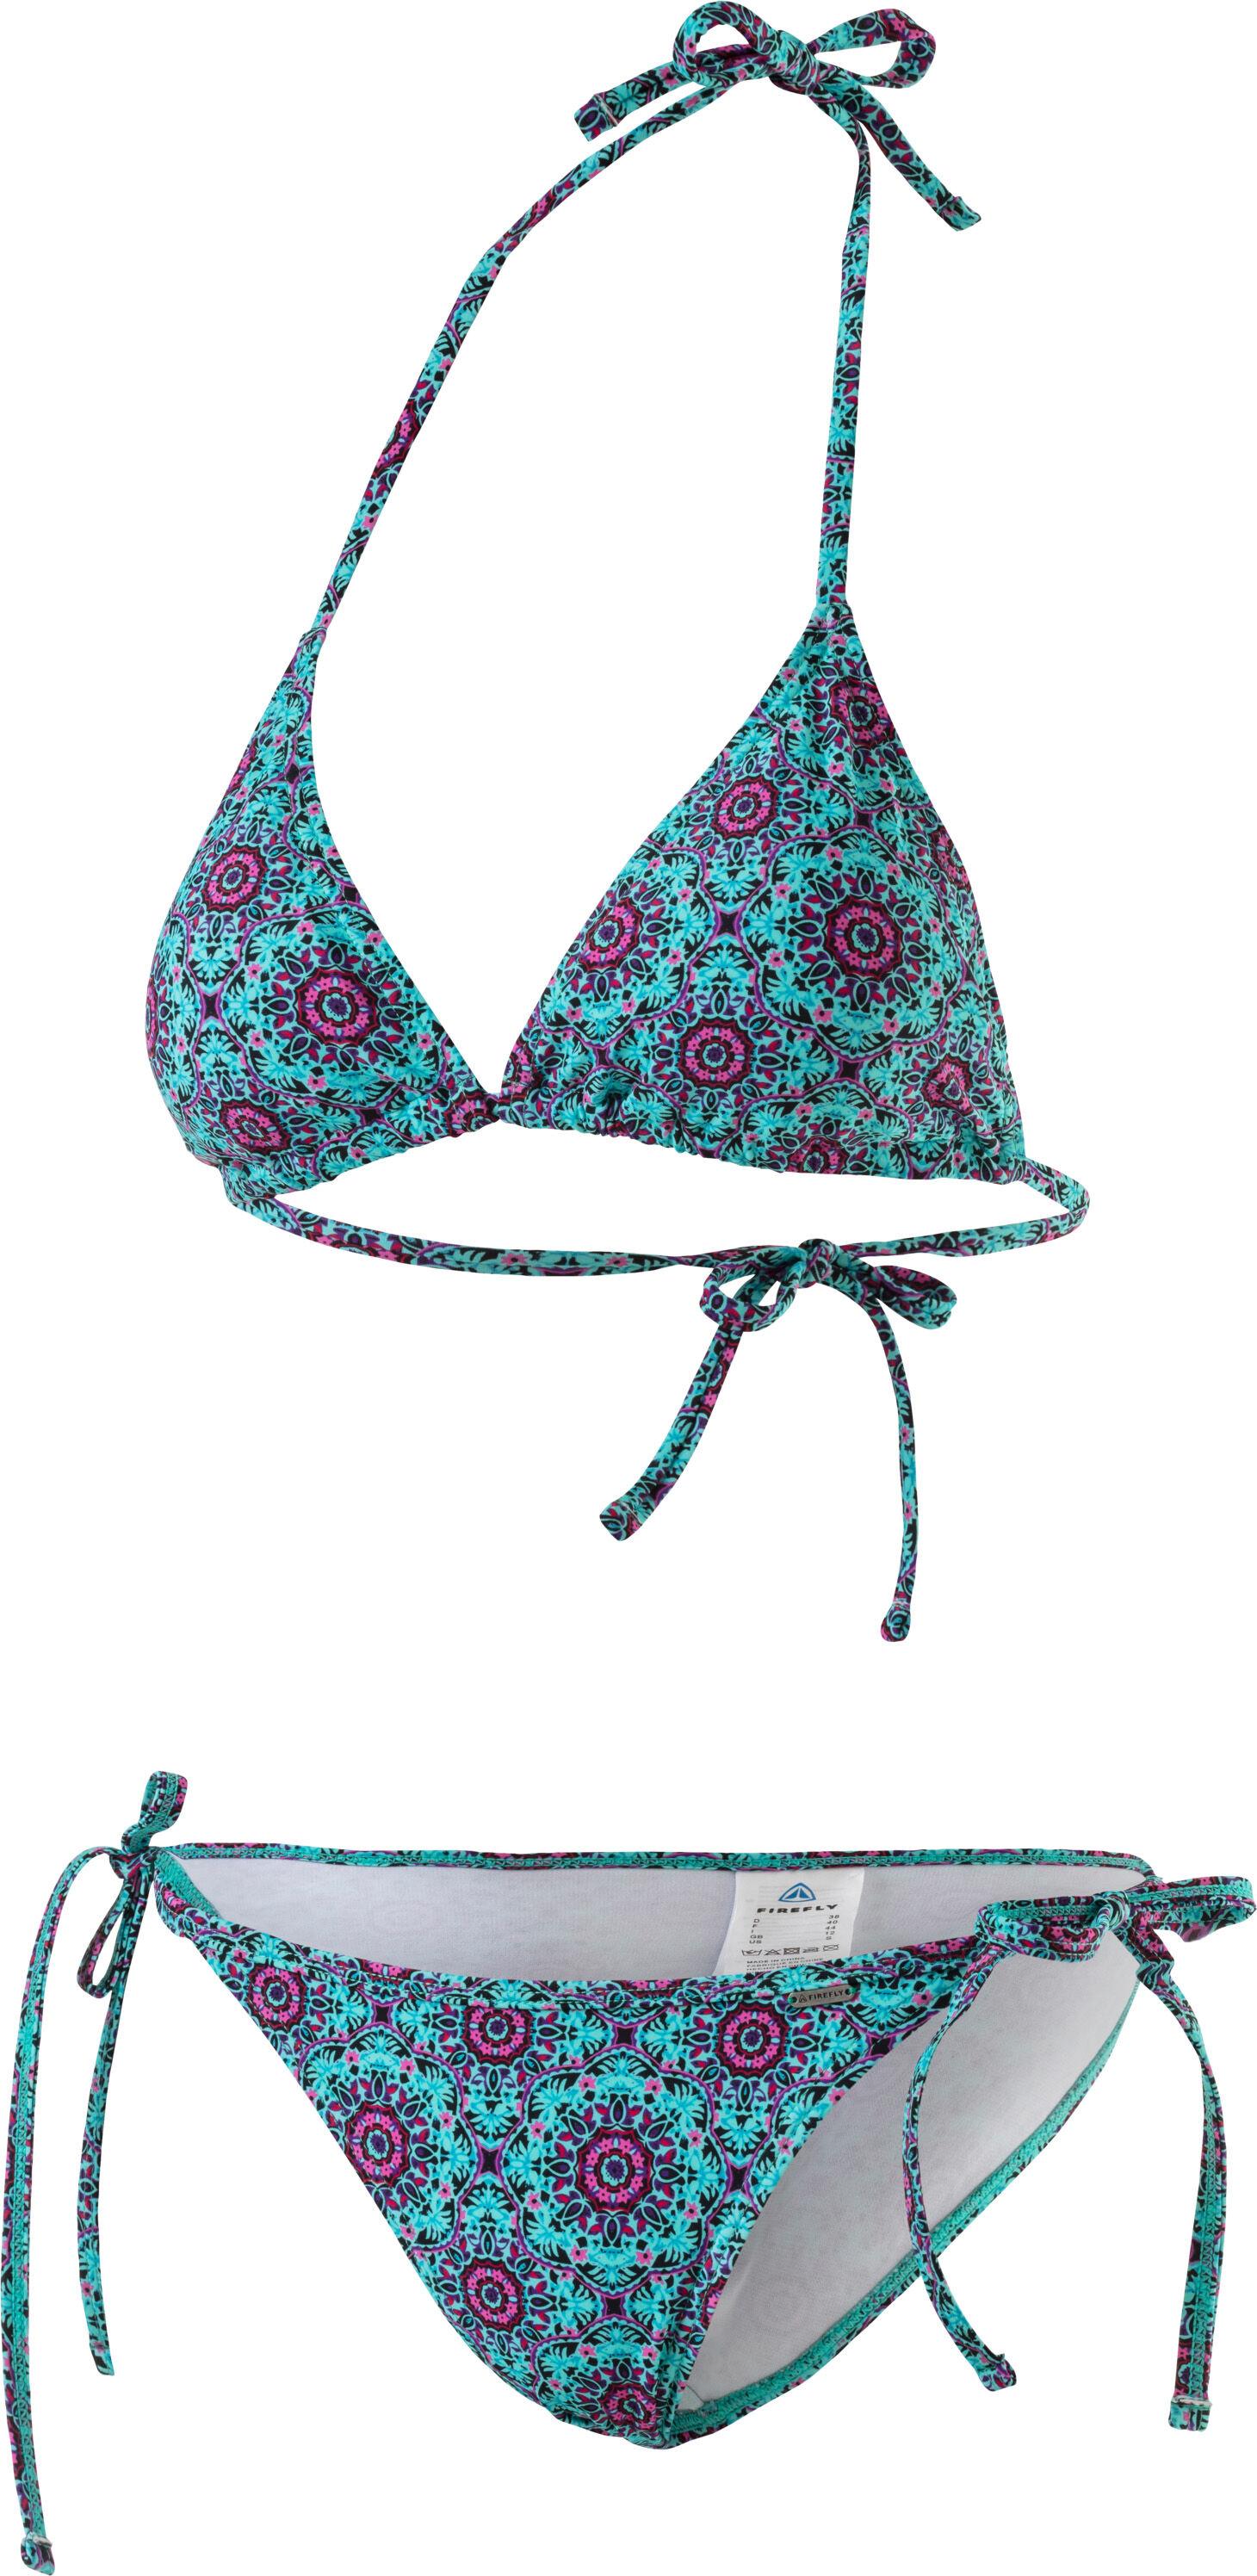 · Bikini Matys Firefly Mujer Flr16 2HYDW9EI